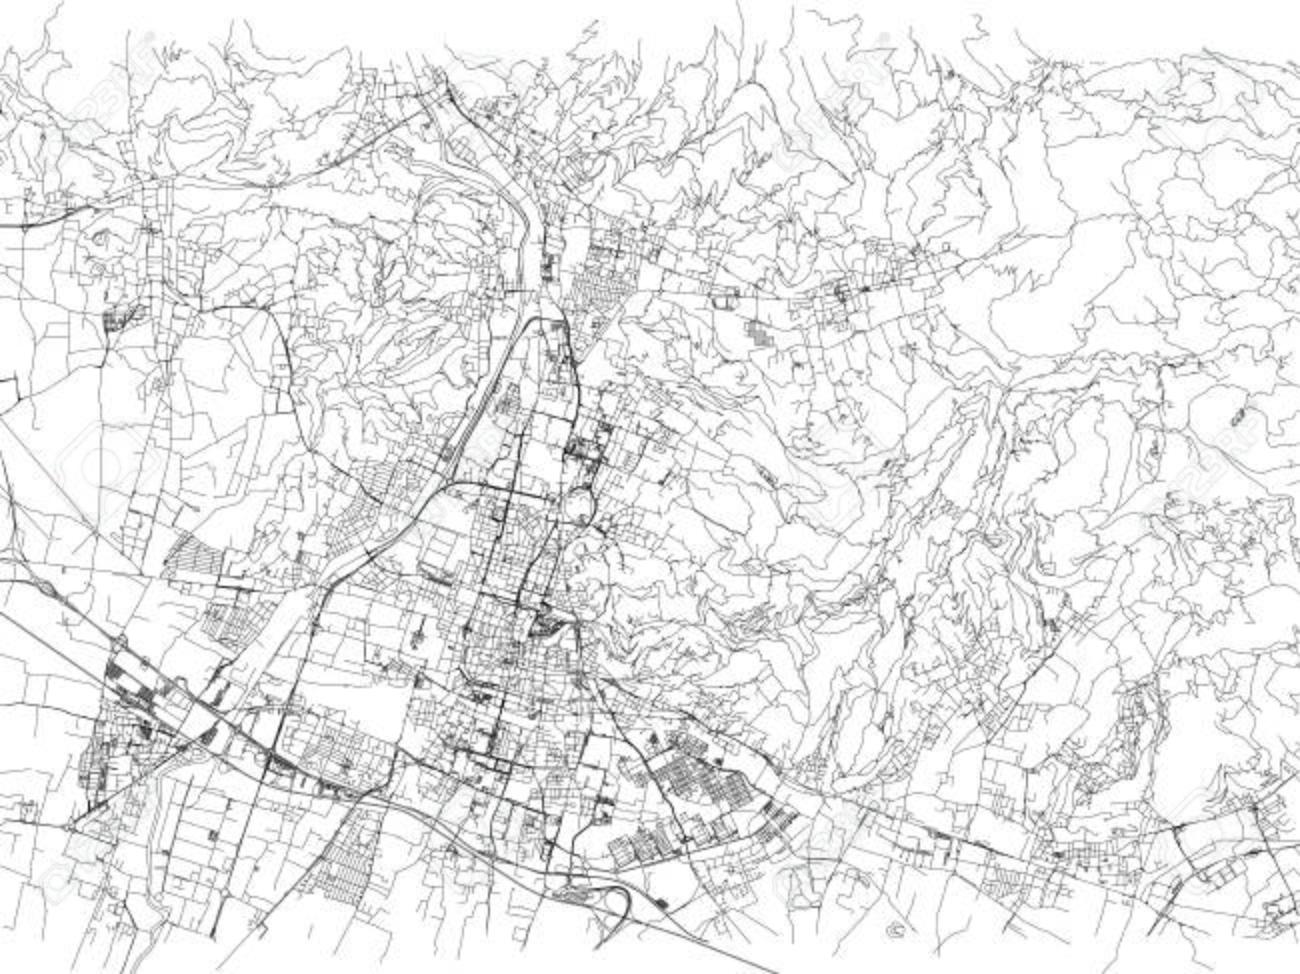 Cartina Stradale Di Italia.Vettoriale Strade Di Brescia Mappa Della Citta Lombardia Italia Cartina Stradale Image 90315543